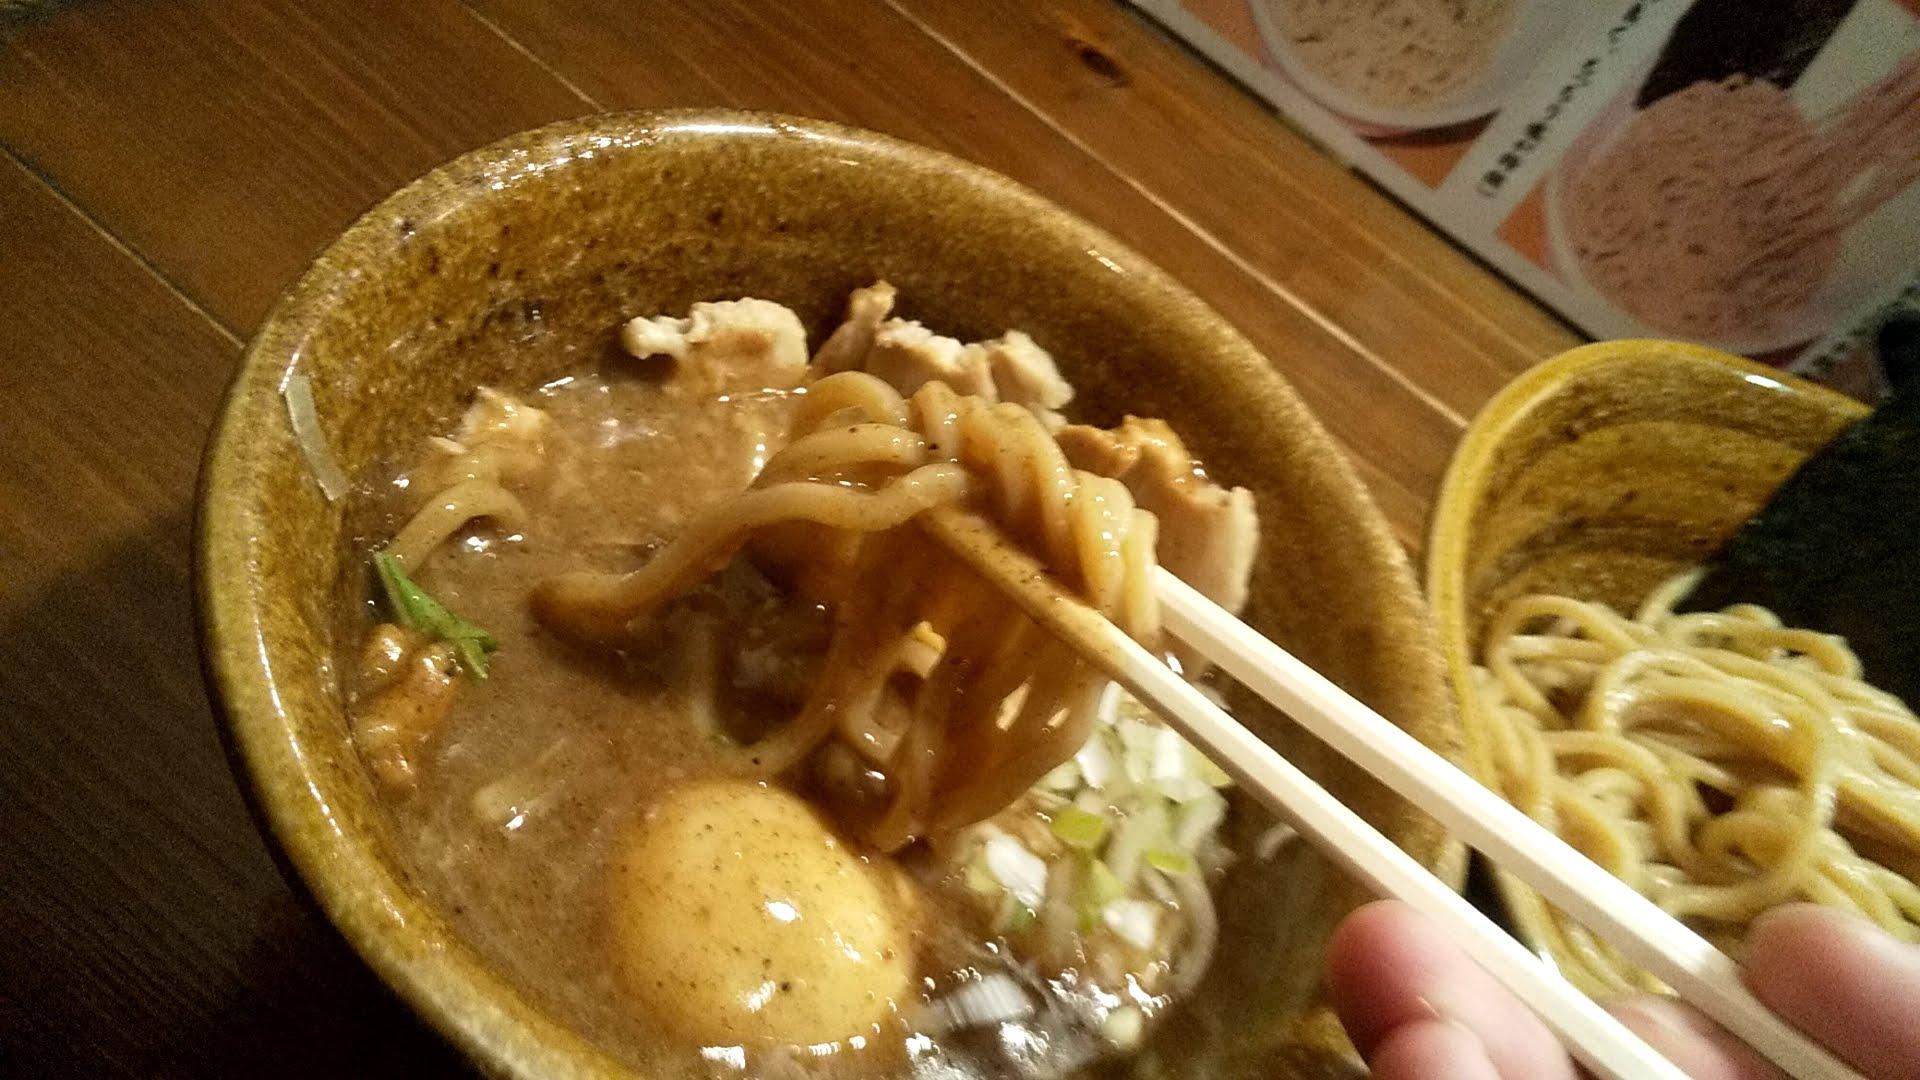 えん寺池袋店の味玉肉増しベジポタつけ麺の麺リフト